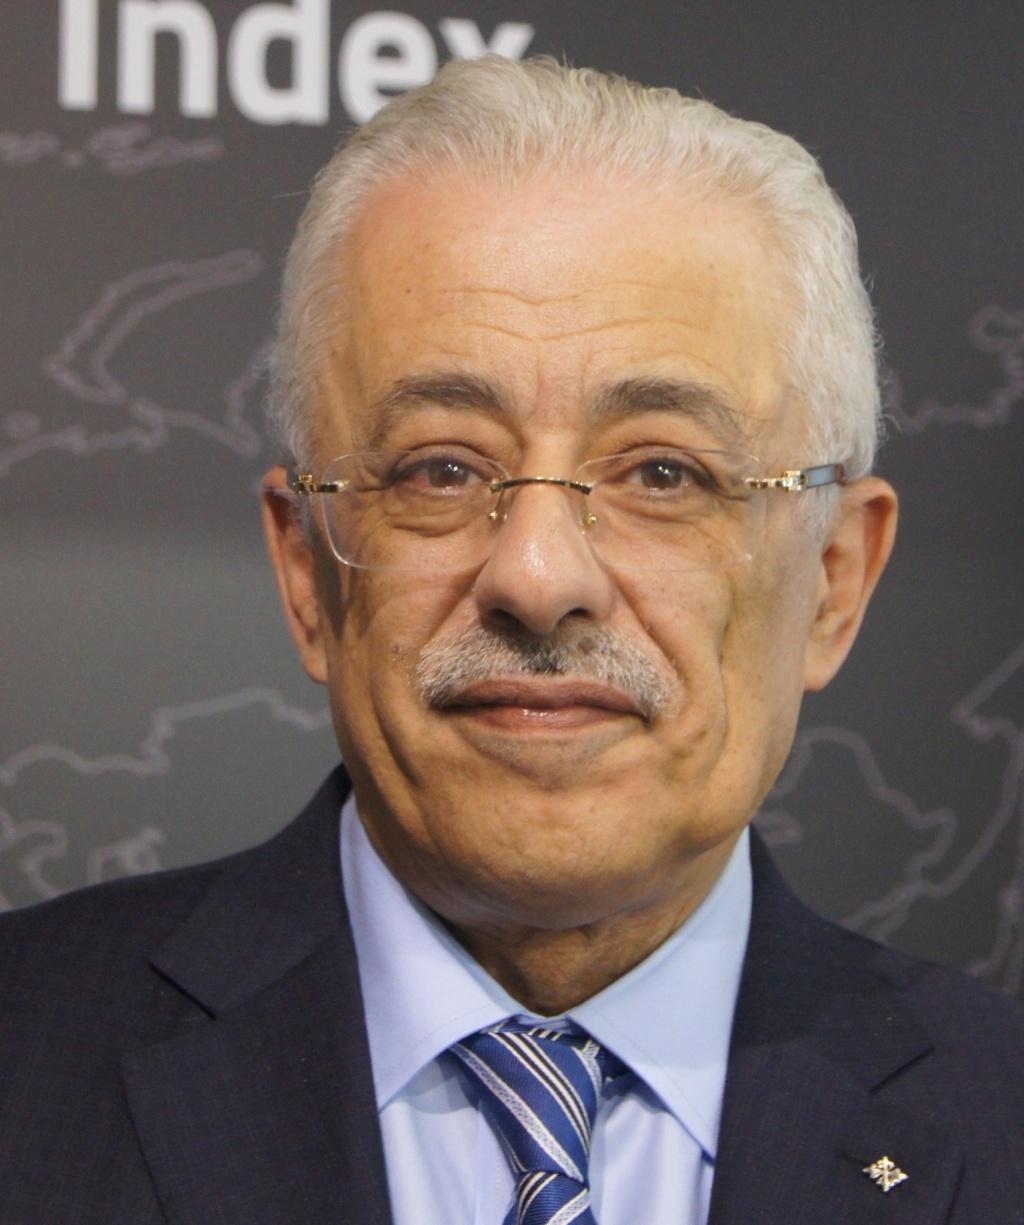 شوقى : الدولة لن تسمح بالغش في امتحانات الثانوية العامة 2021 Tarek_11